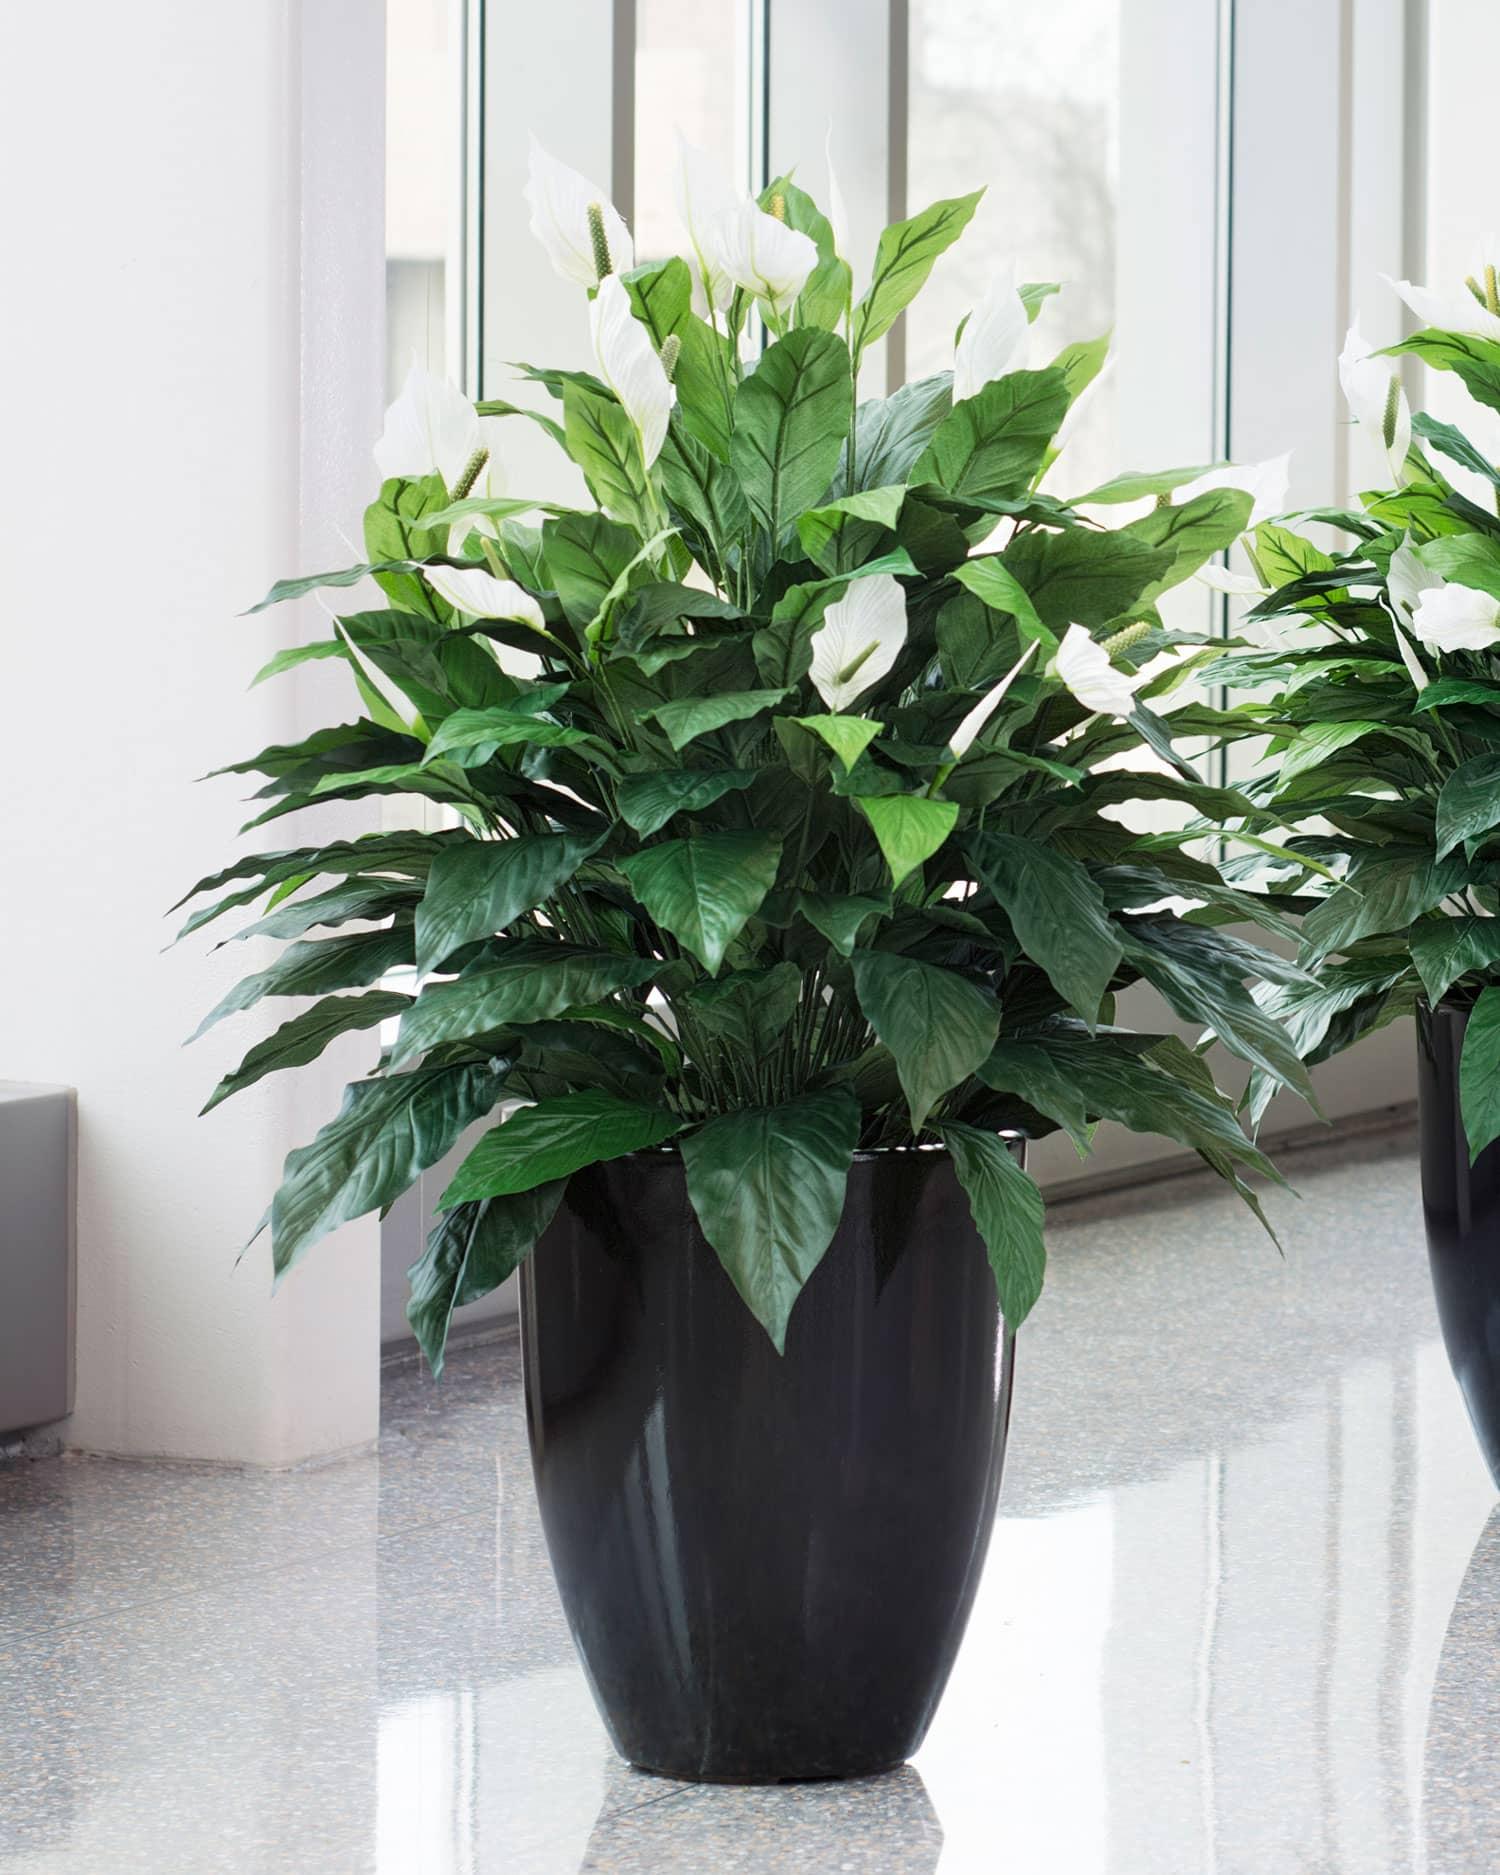 sztuczne rośliny wysokiej jakości